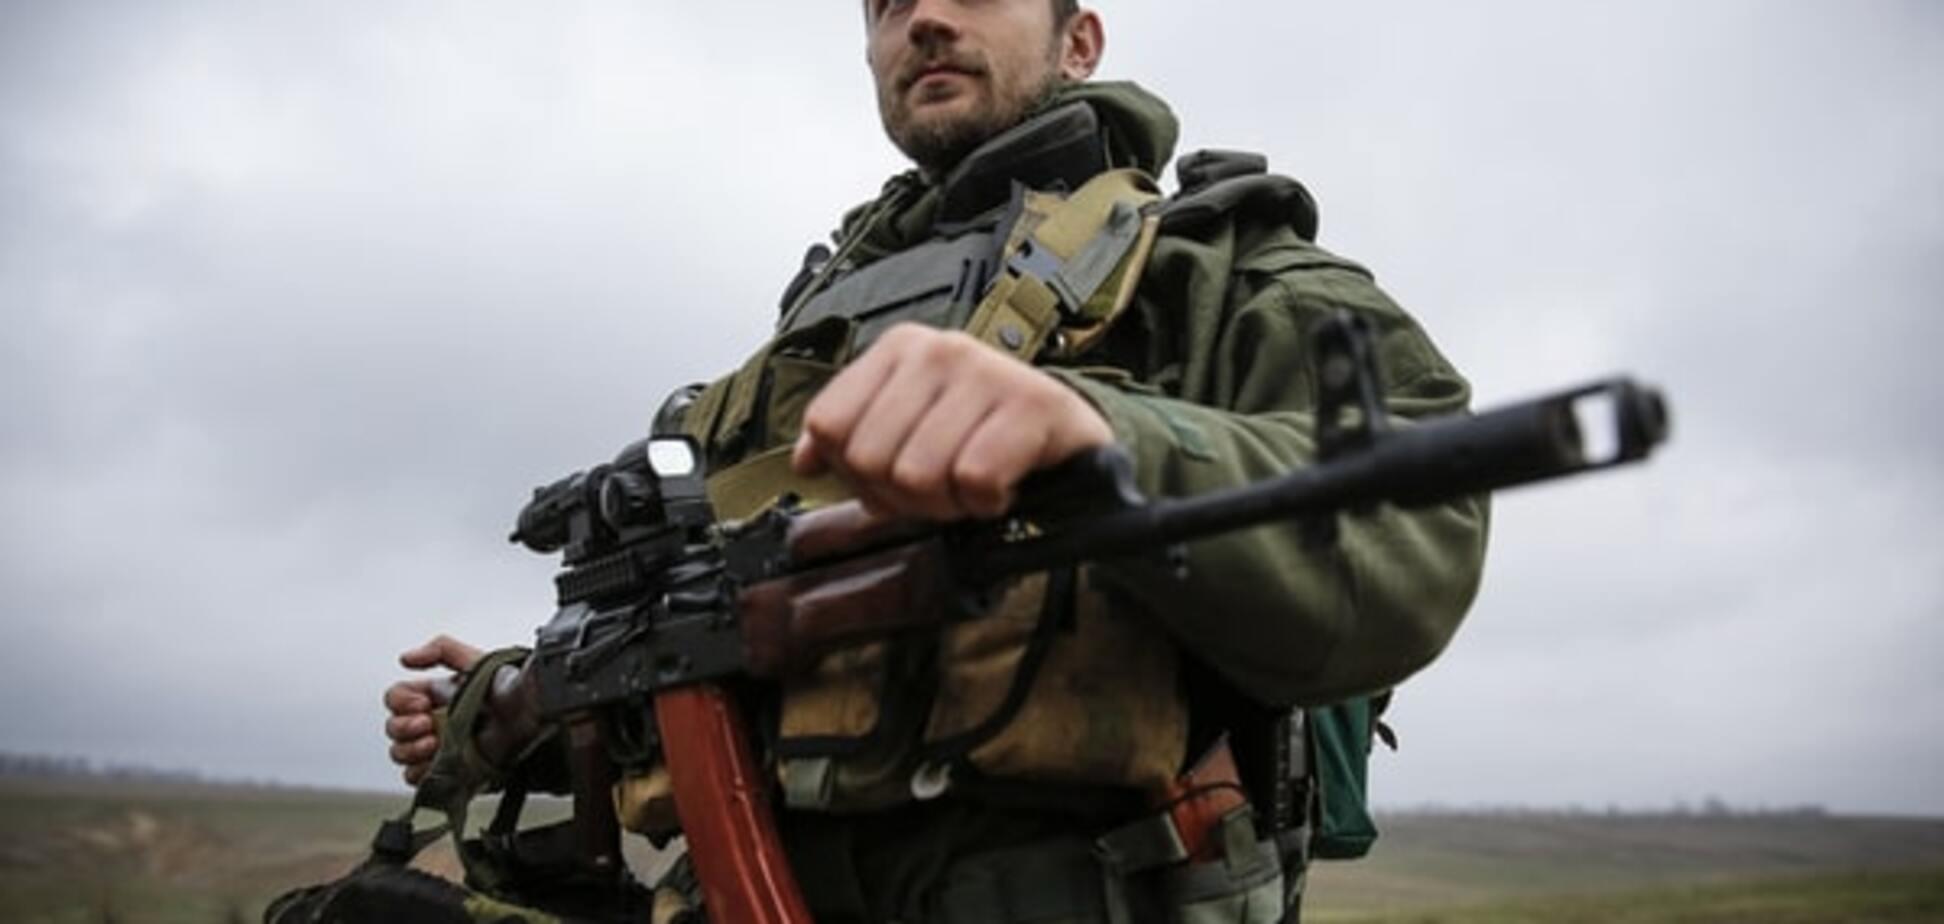 Бойцы АТО вступили в перестрелку с террористами в Широкино